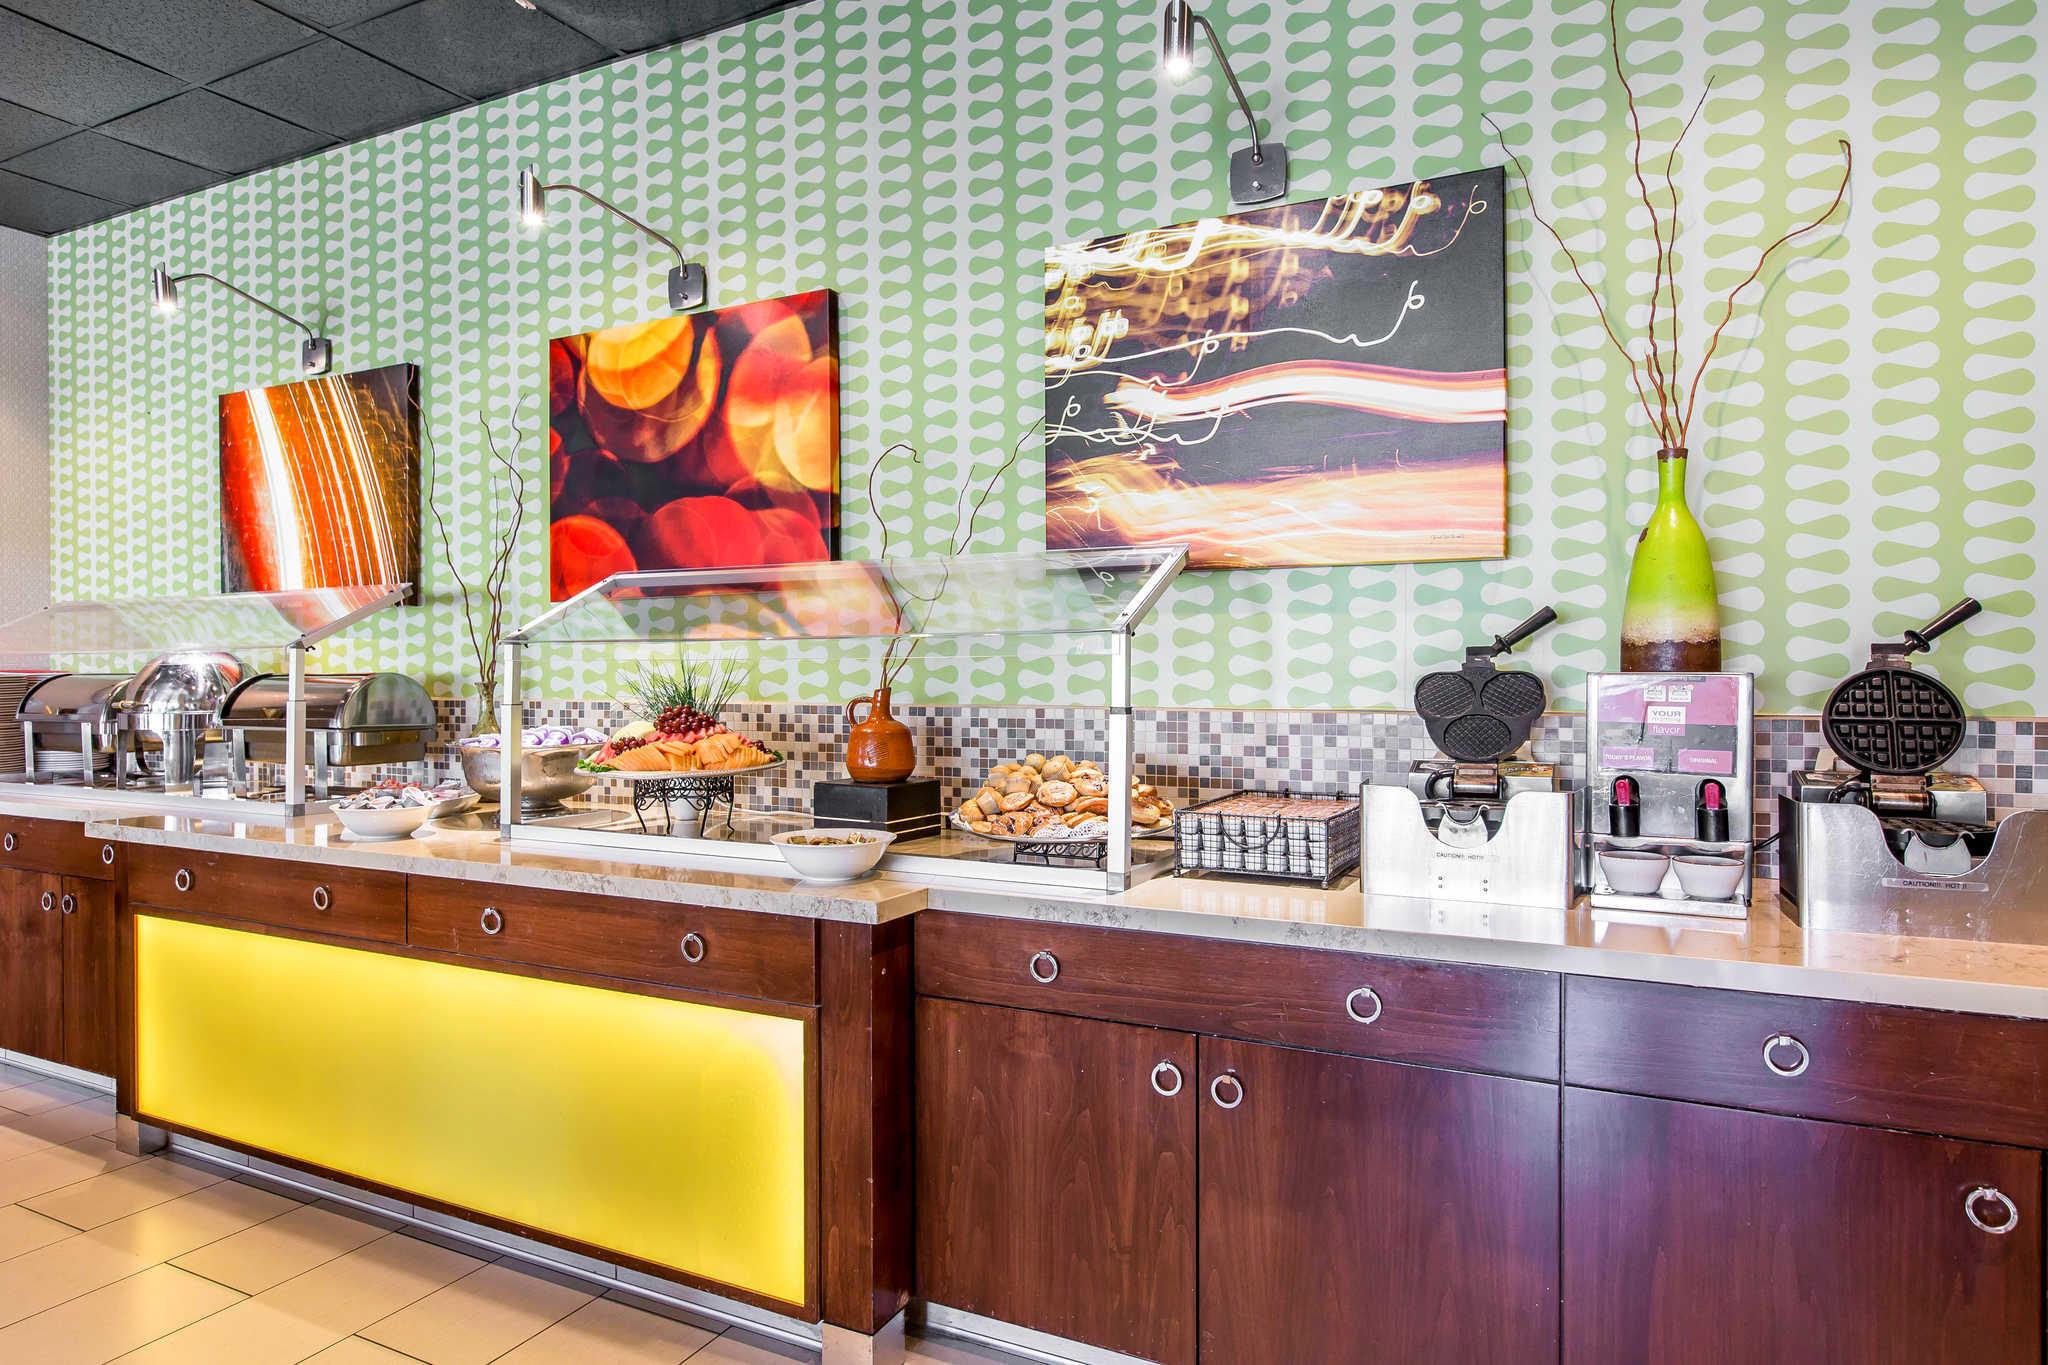 Clarion Hotel Anaheim Resort image 11